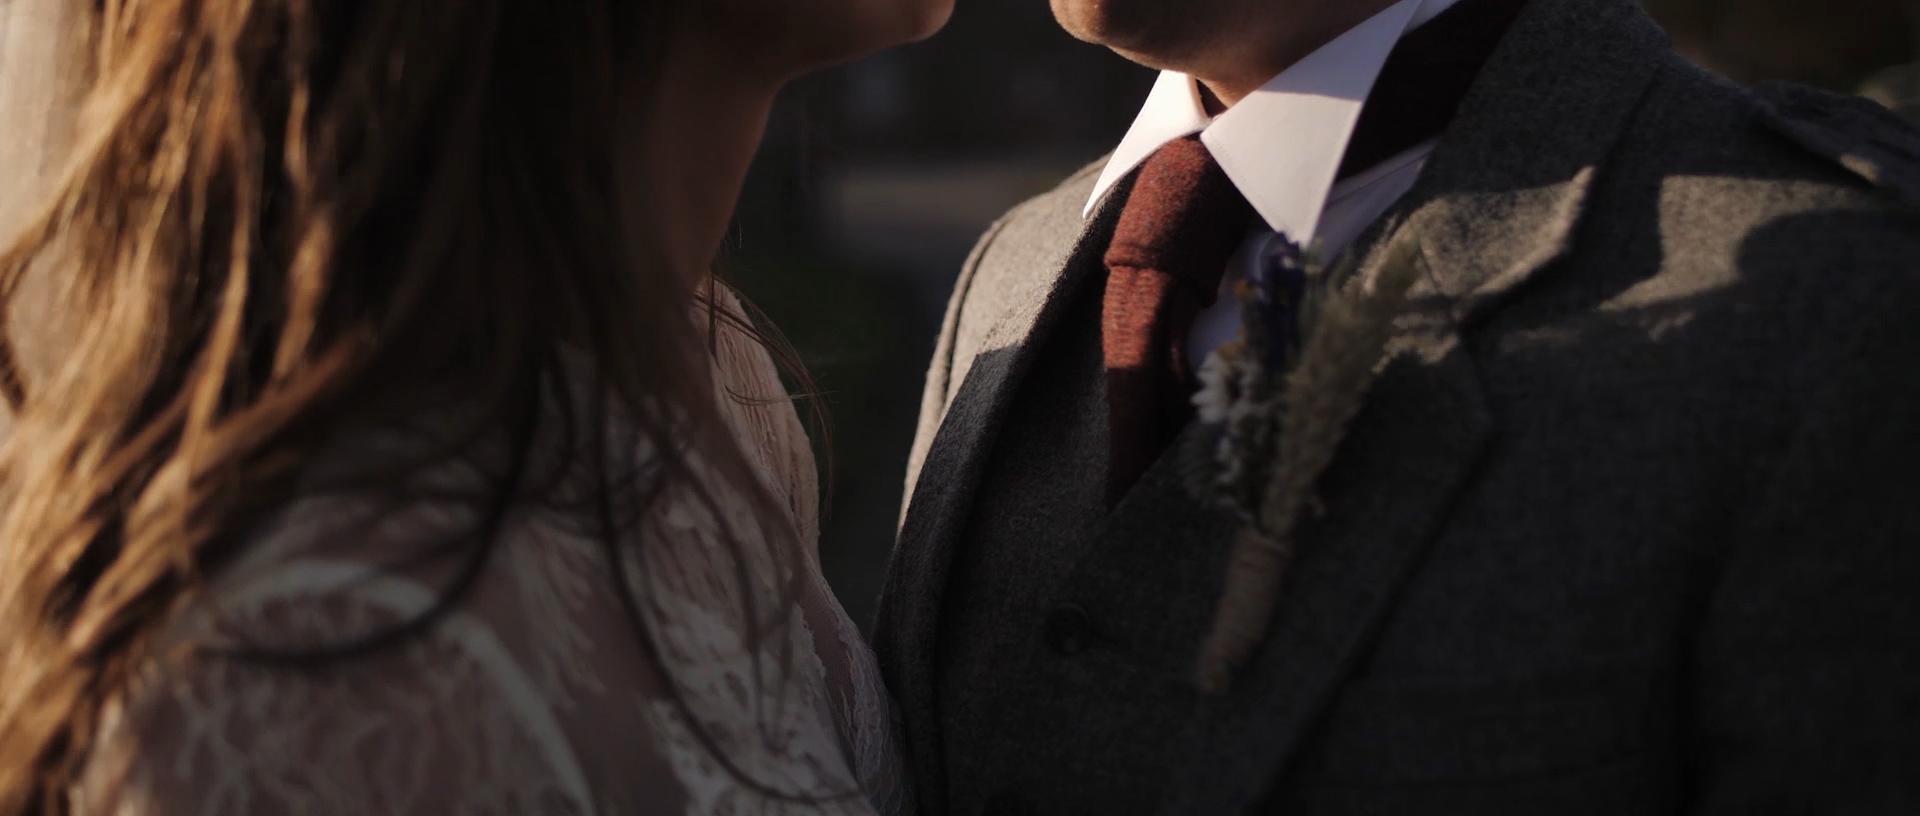 broxmouth-park-wedding-videographer_LL_04.jpg